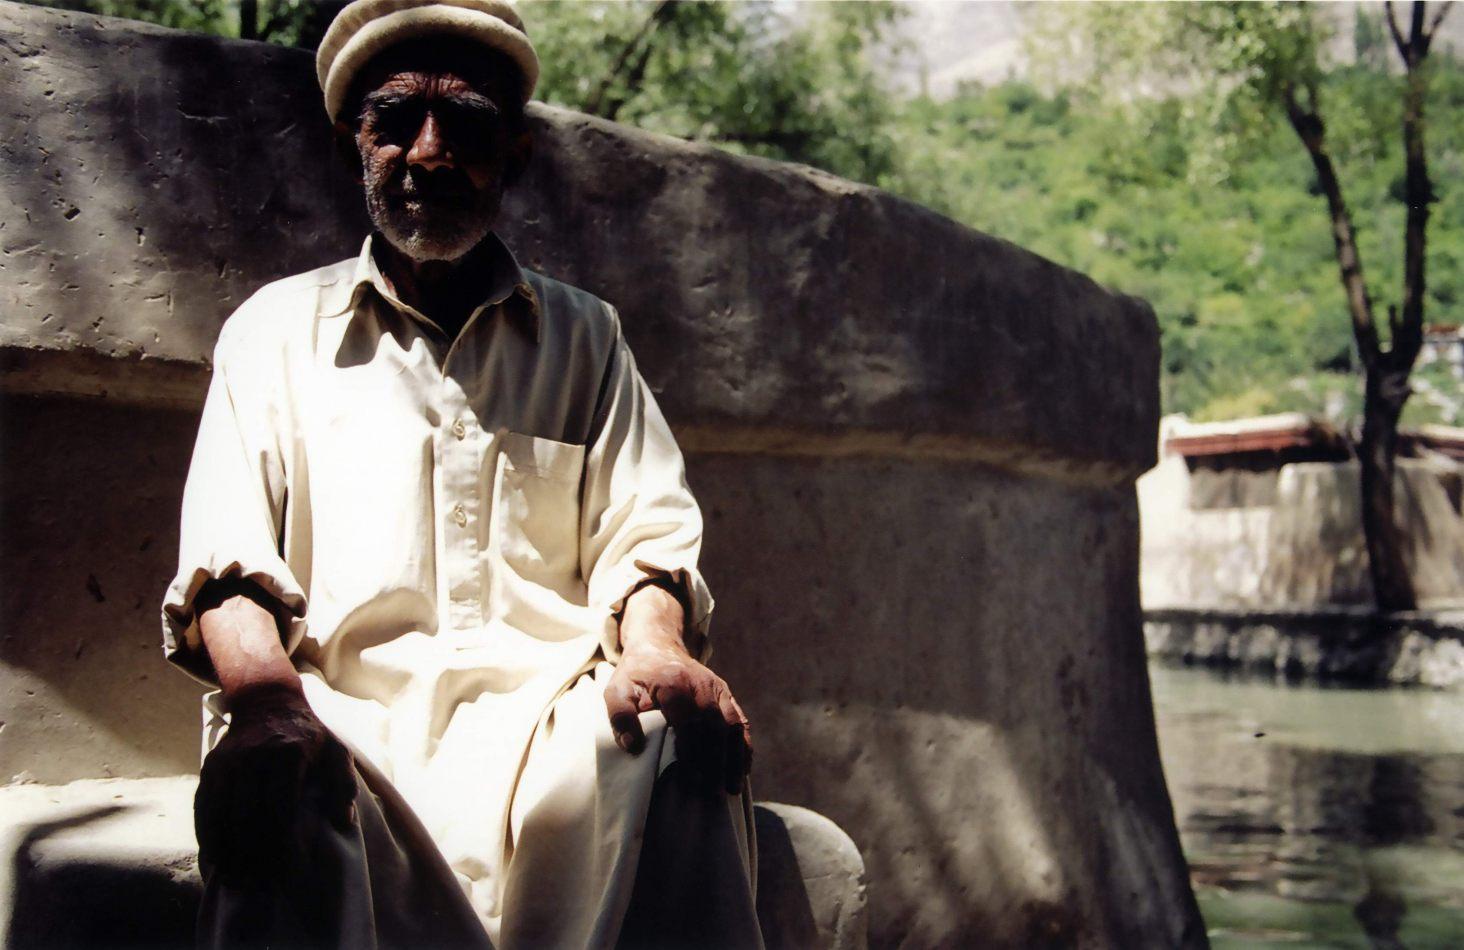 Anthony Ellis Photography: Zindabad - Old Man of Ganesh